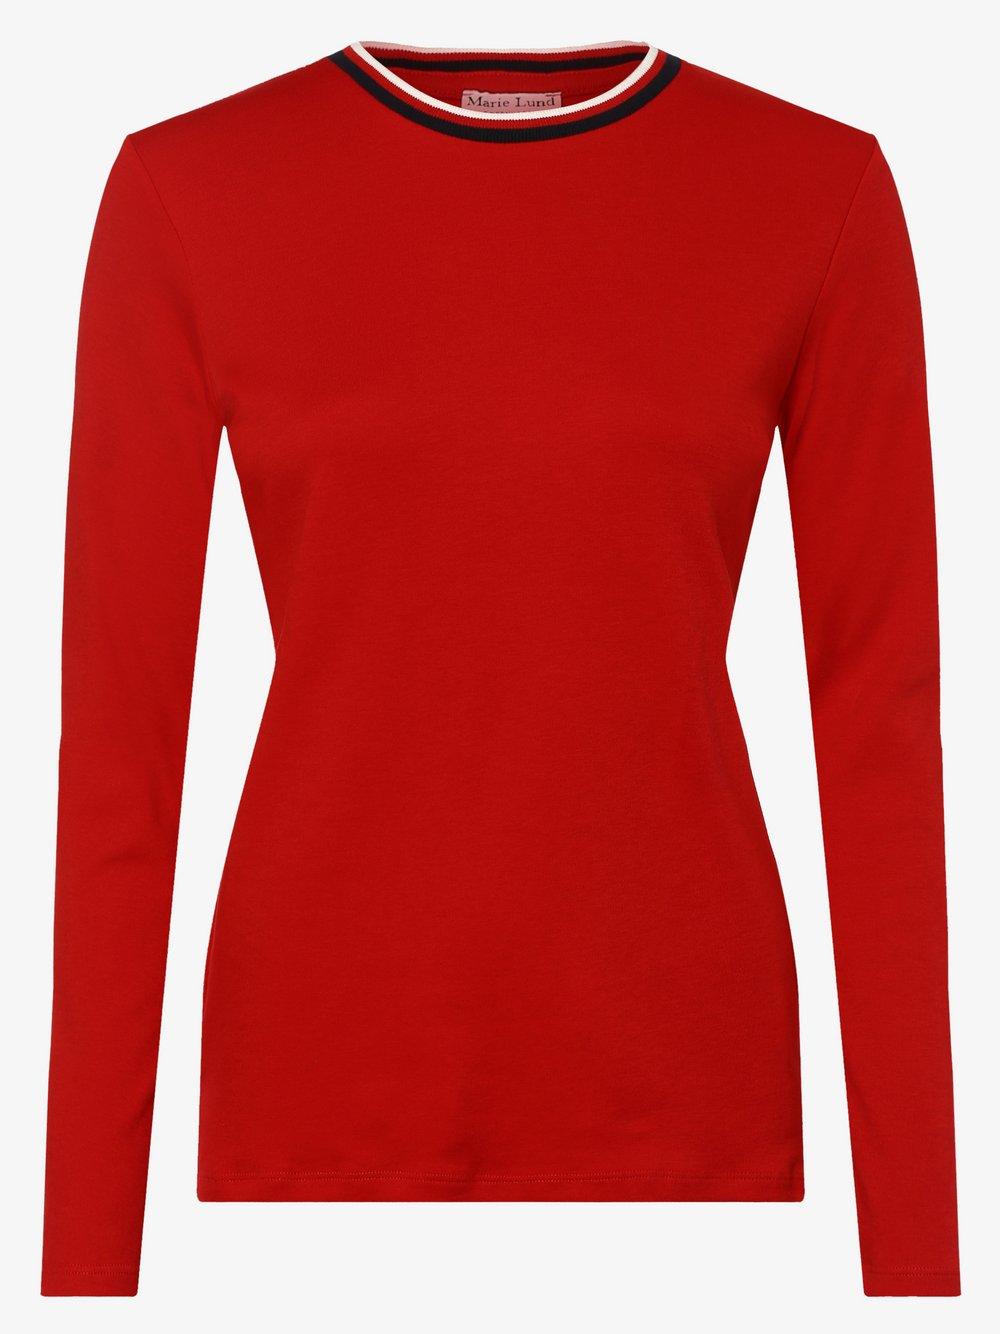 Marie Lund - Damska koszulka z długim rękawem, czerwony